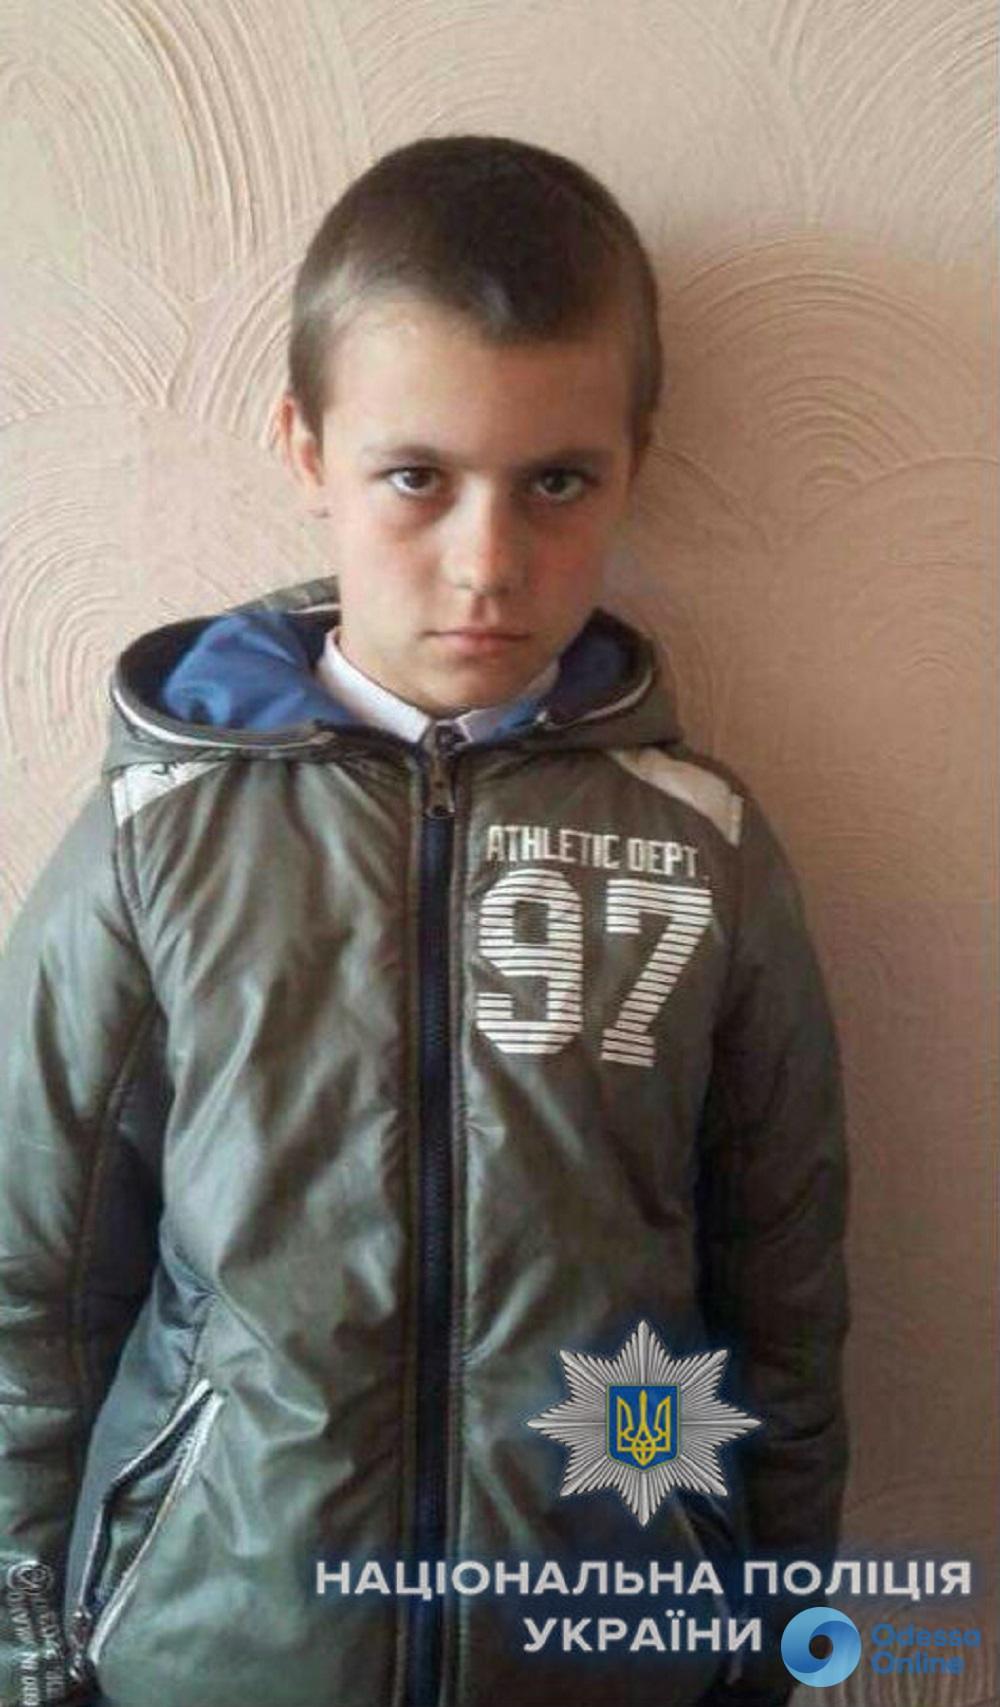 Пошел в гости: в Одессе нашли пропавшего мальчика